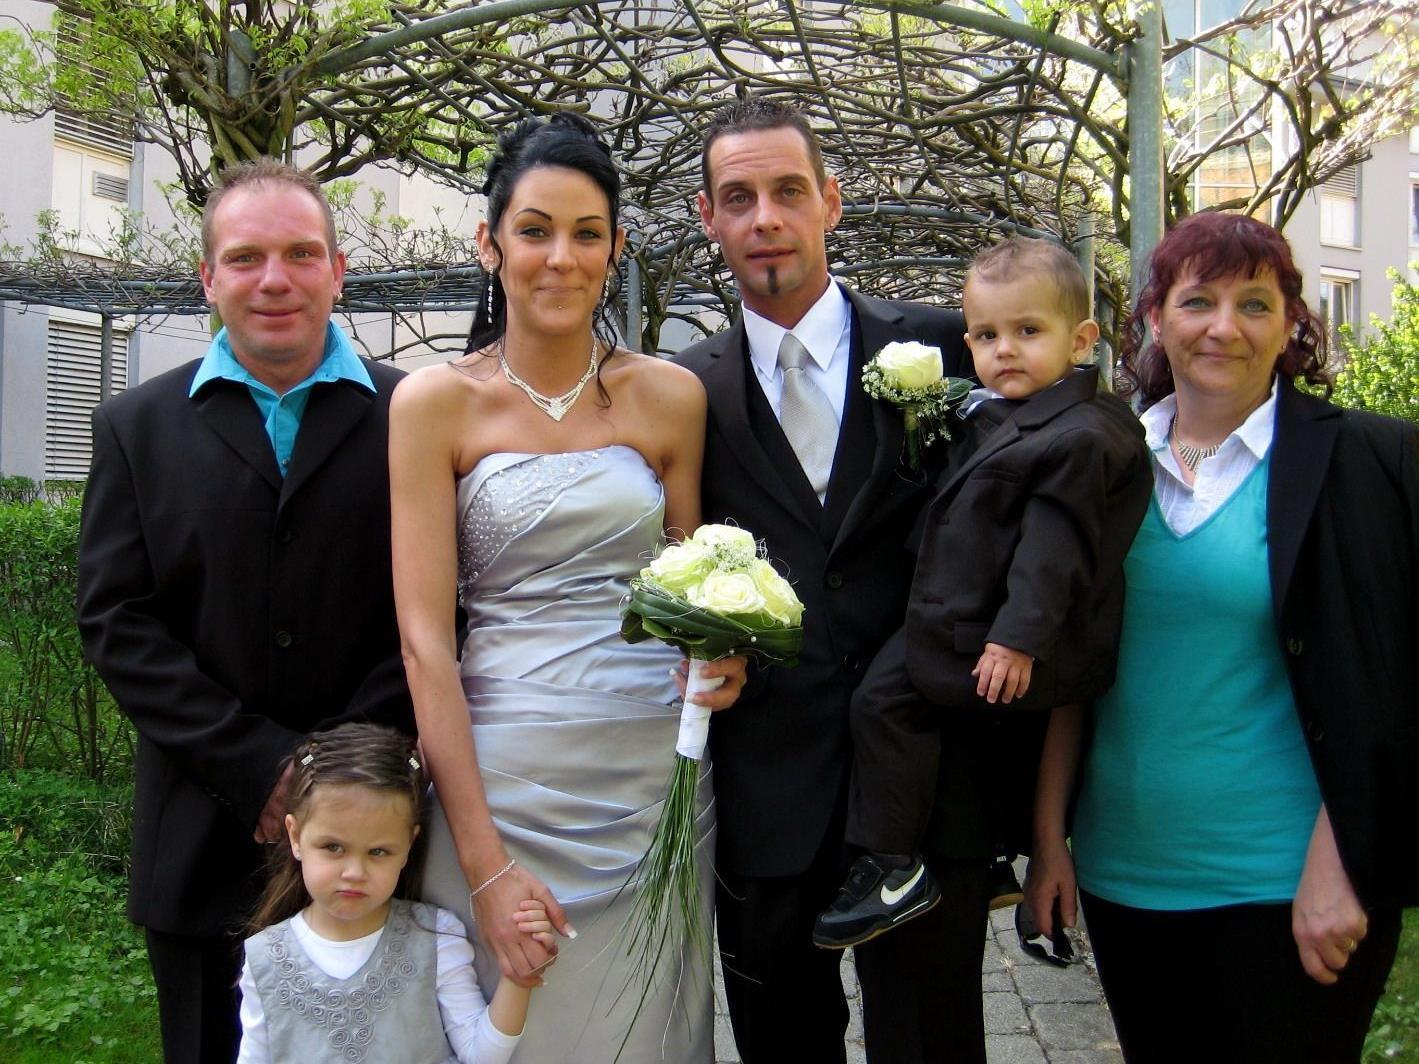 Jeannette Gapp und Peter Kathan haben geheiratet.